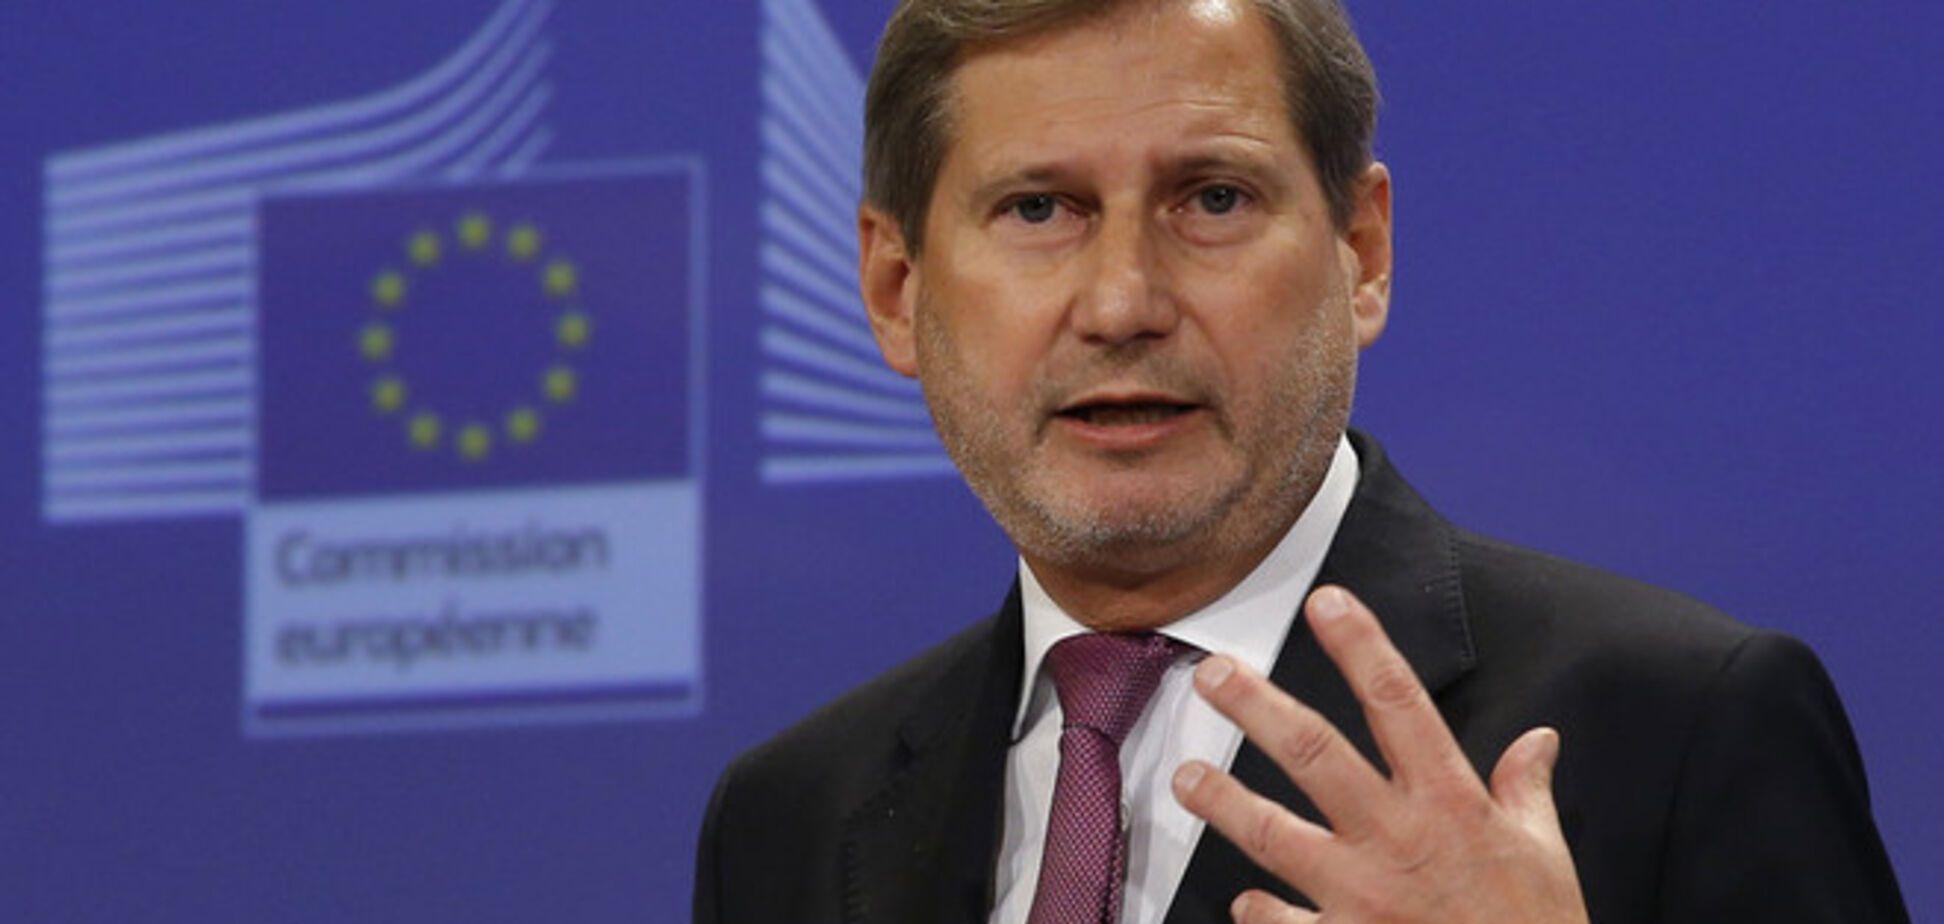 В Евросоюзе не захотели отправлять миротворцев на Донбасс